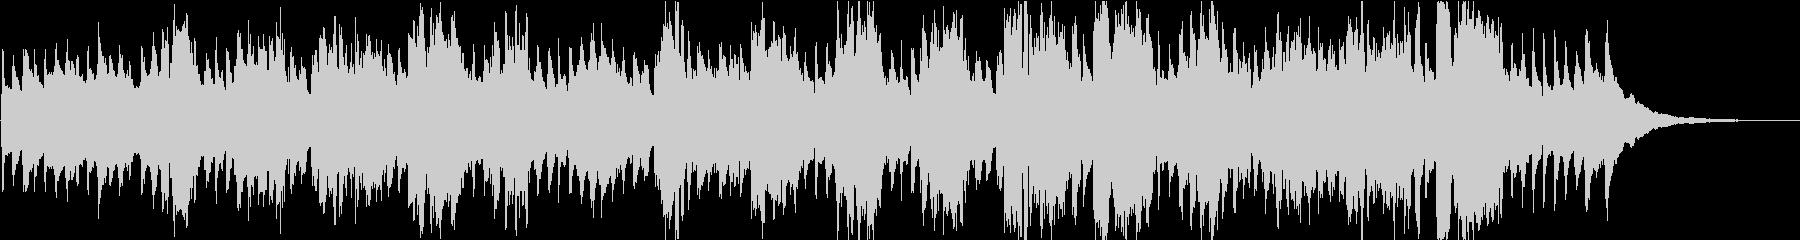 赤ちゃん寝かしつけ歌(周波数432hz)の未再生の波形